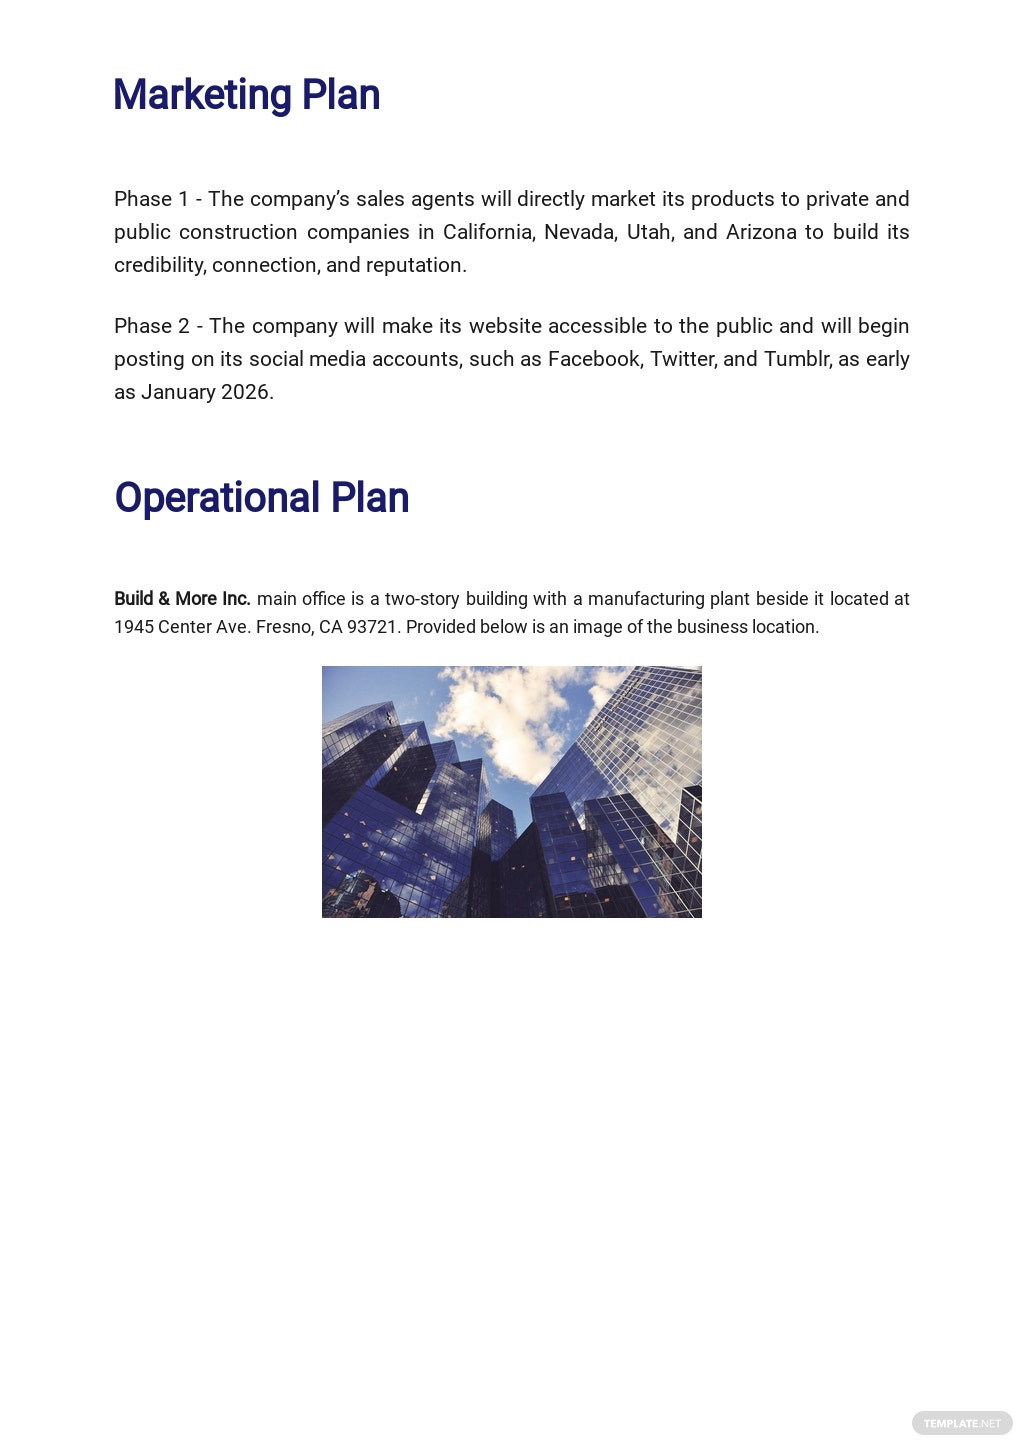 Construction Manufacturer Business Plan Template 4.jpe